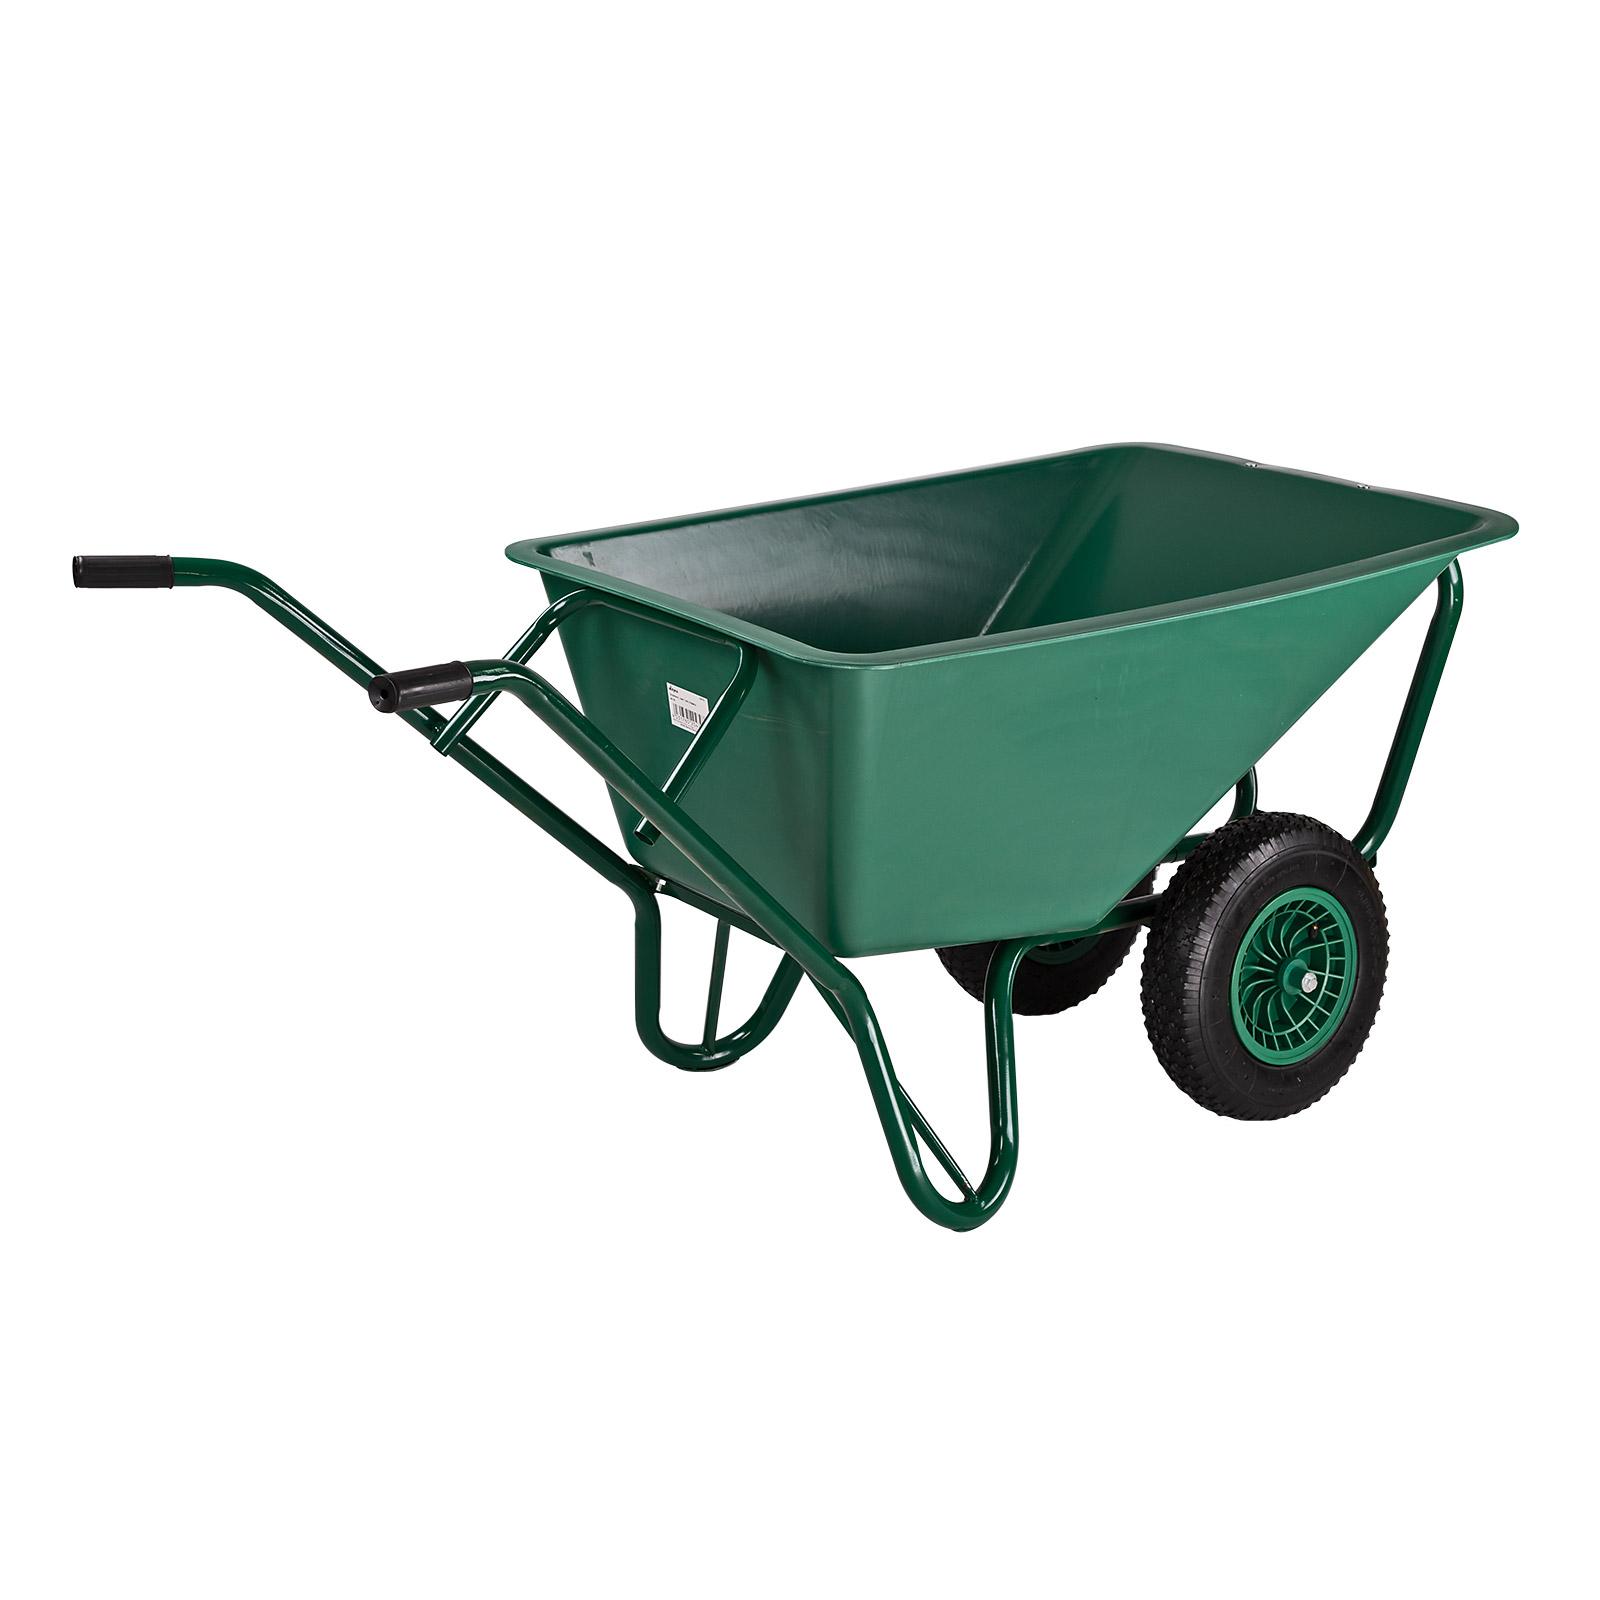 913012 schubkarre gartenschubkarre 2 r der karre zweir drig 20479 ebay. Black Bedroom Furniture Sets. Home Design Ideas